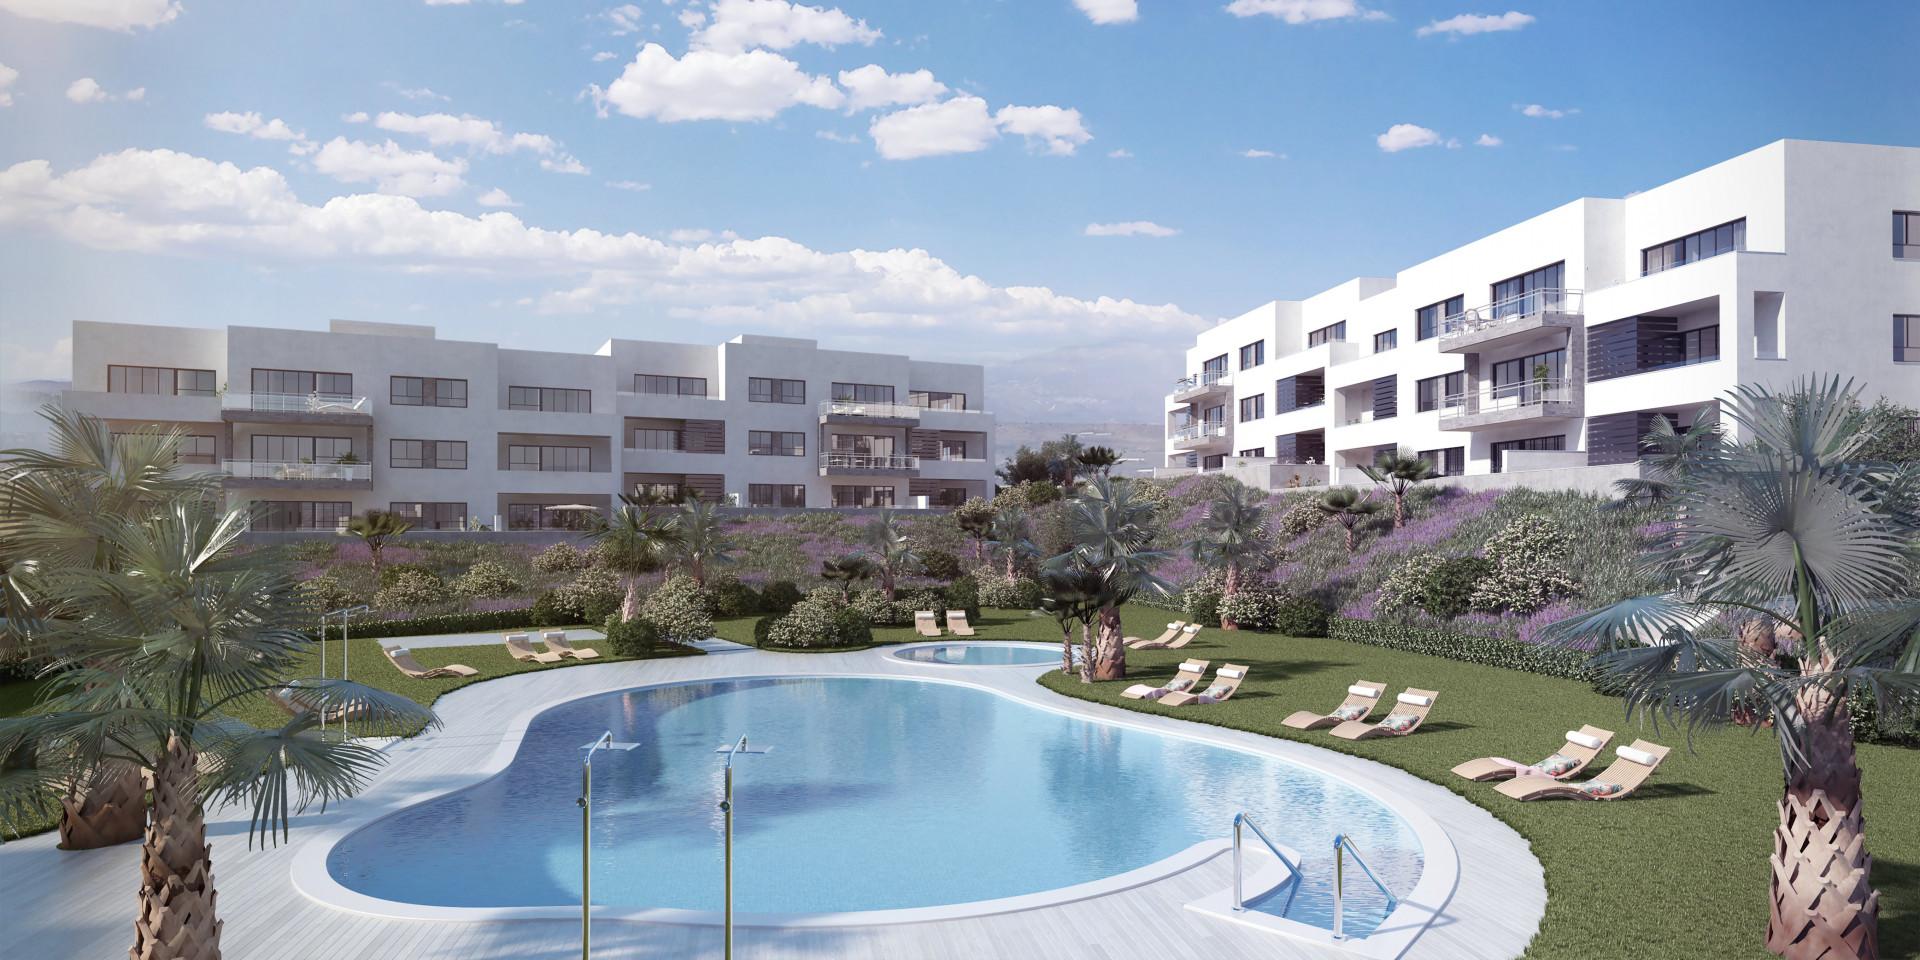 Royale nieuwbouwappartementen op uitstekende lokatie in Torre del Mar.PL124